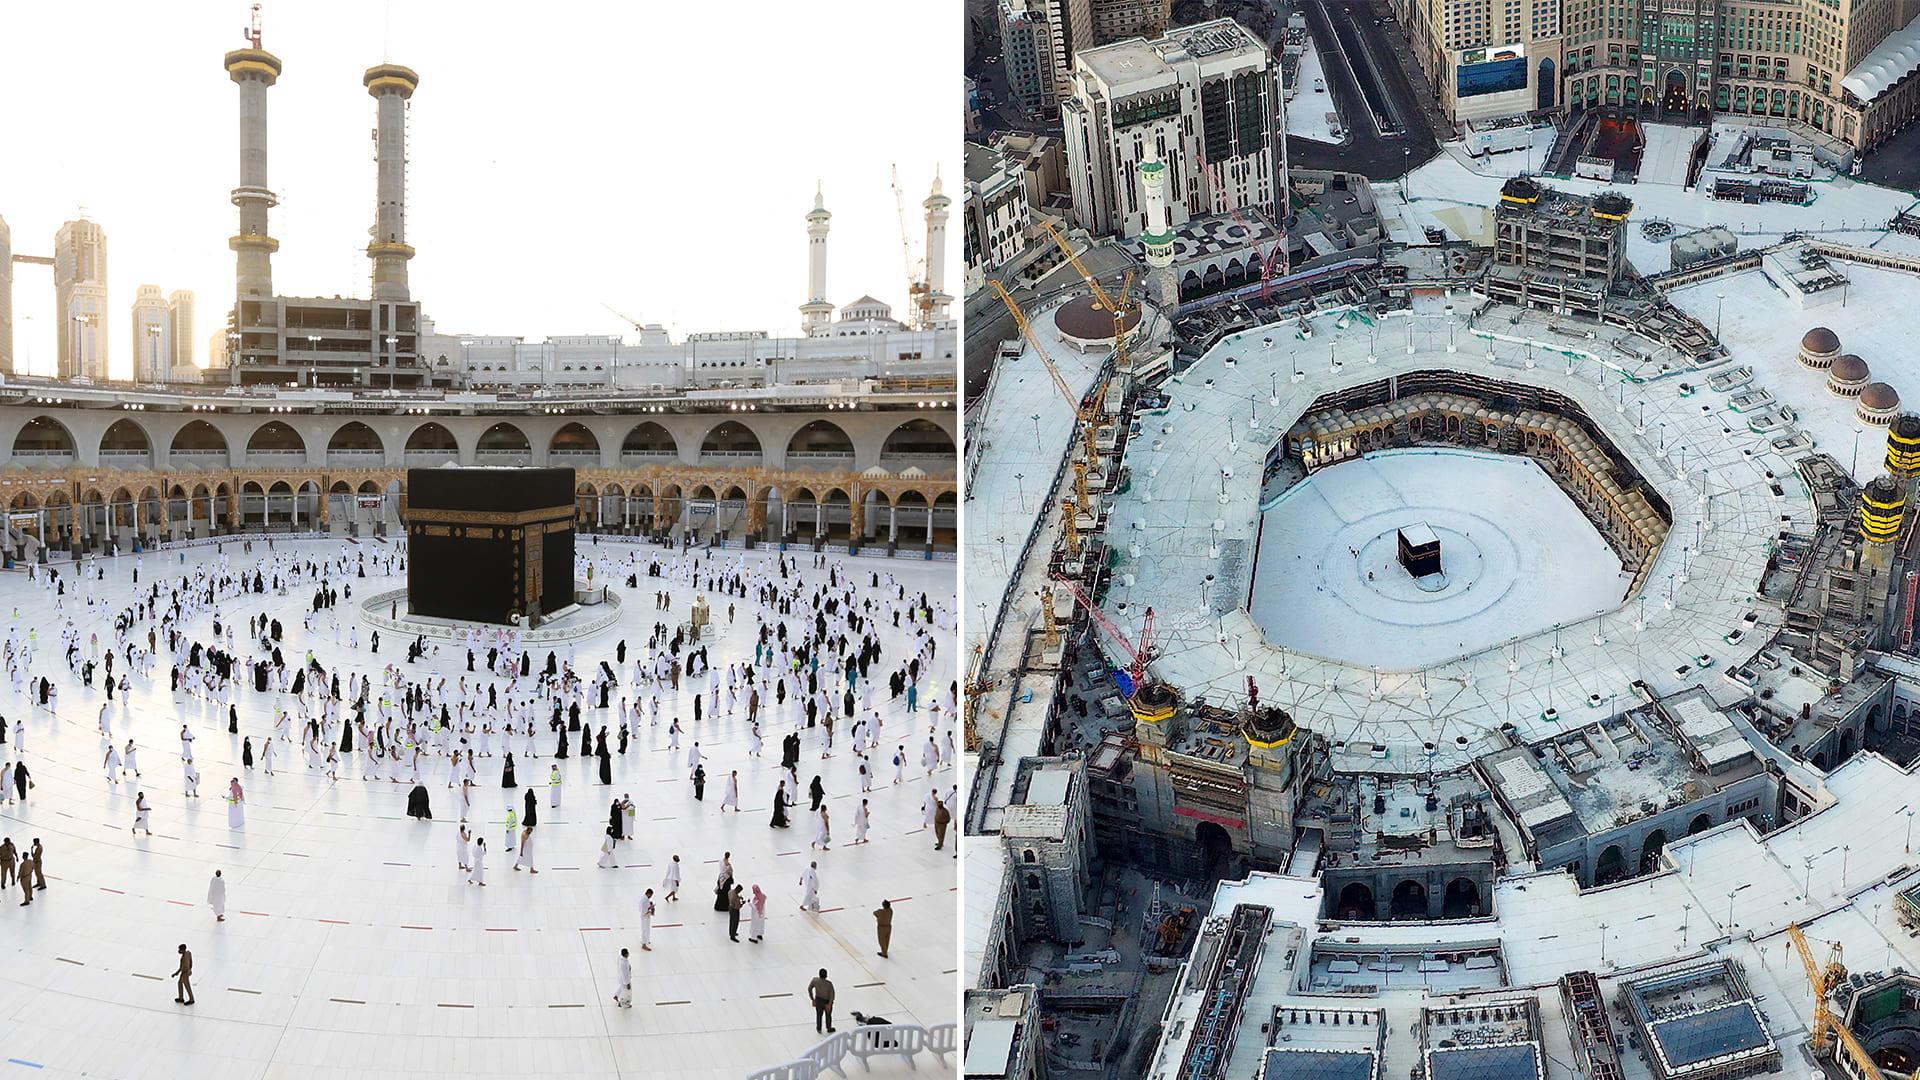 شاهد.. كيف اختلف شهر رمضان هذا العام عن العام الماضي